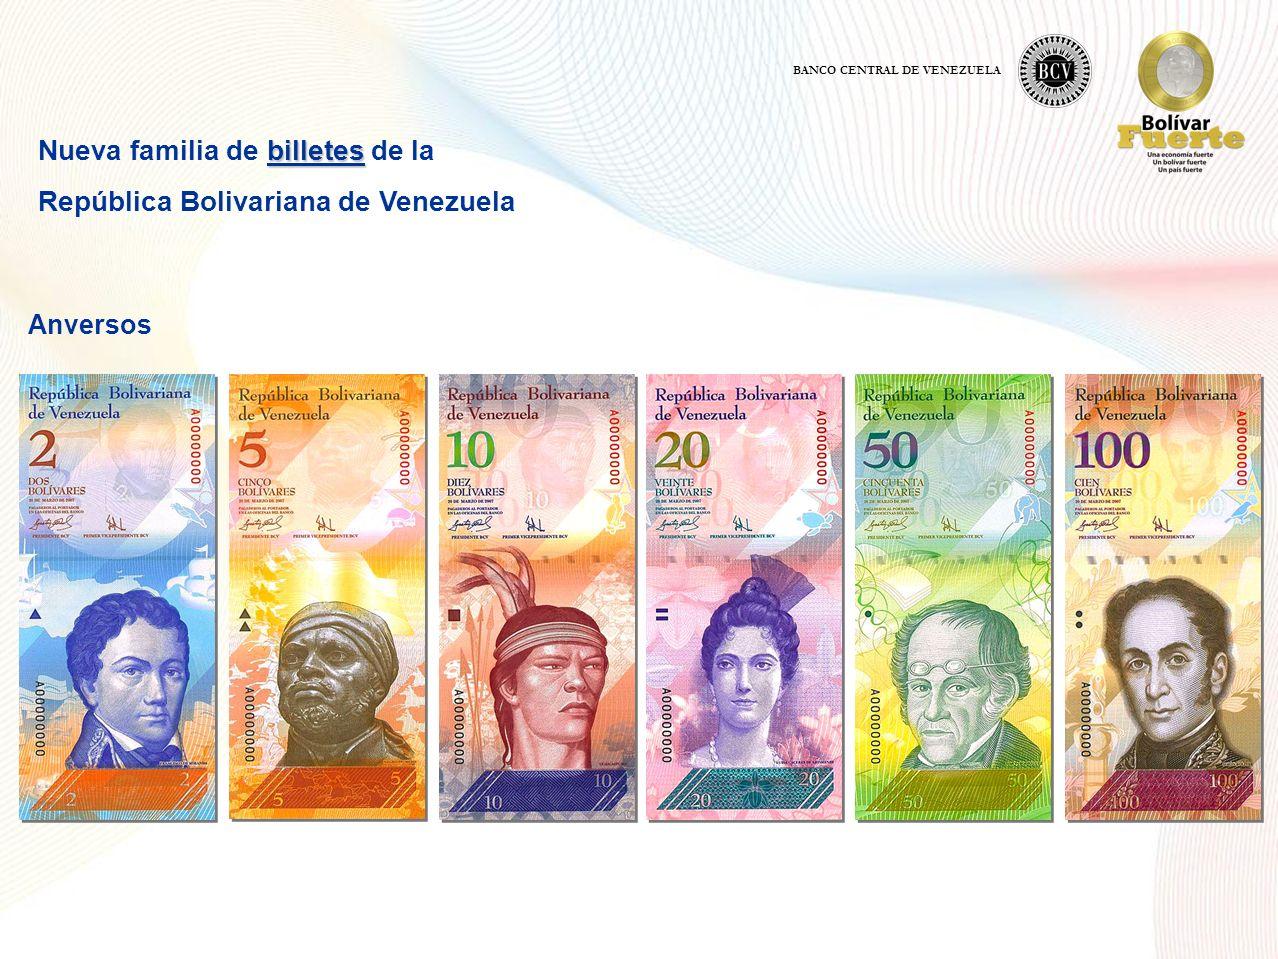 billetes Nueva familia de billetes de la República Bolivariana de Venezuela Anversos BANCO CENTRAL DE VENEZUELA